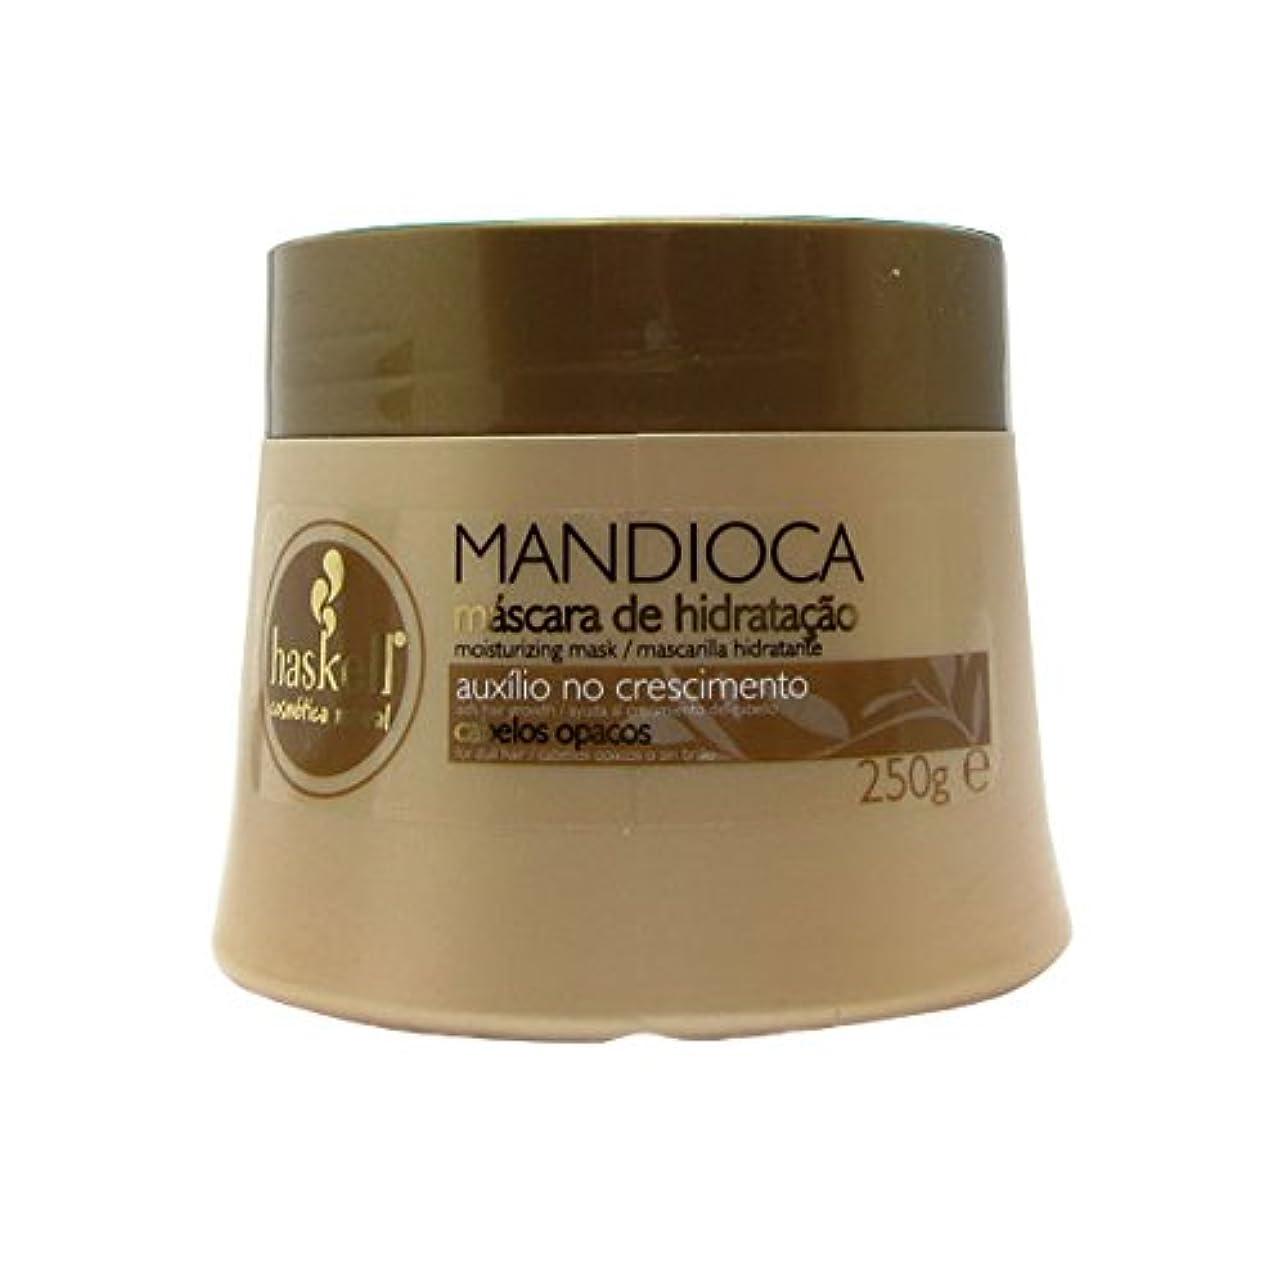 グリーンランド許可液化するHaskell Mandioca Hair Mask 250g [並行輸入品]